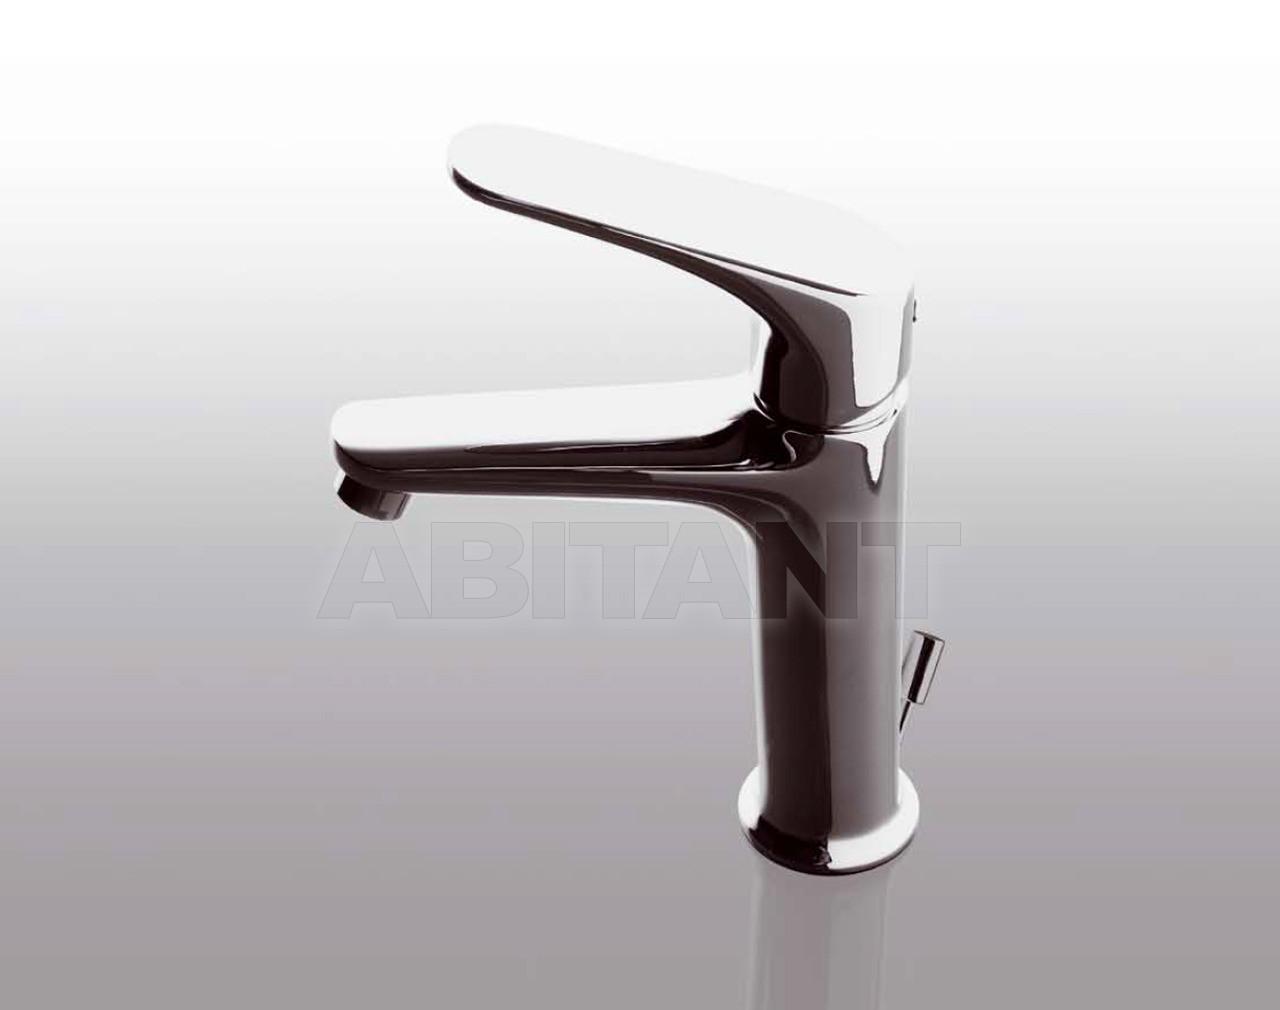 Купить Смеситель для раковины M&Z Rubinetterie spa Aqua Soft AQS00200